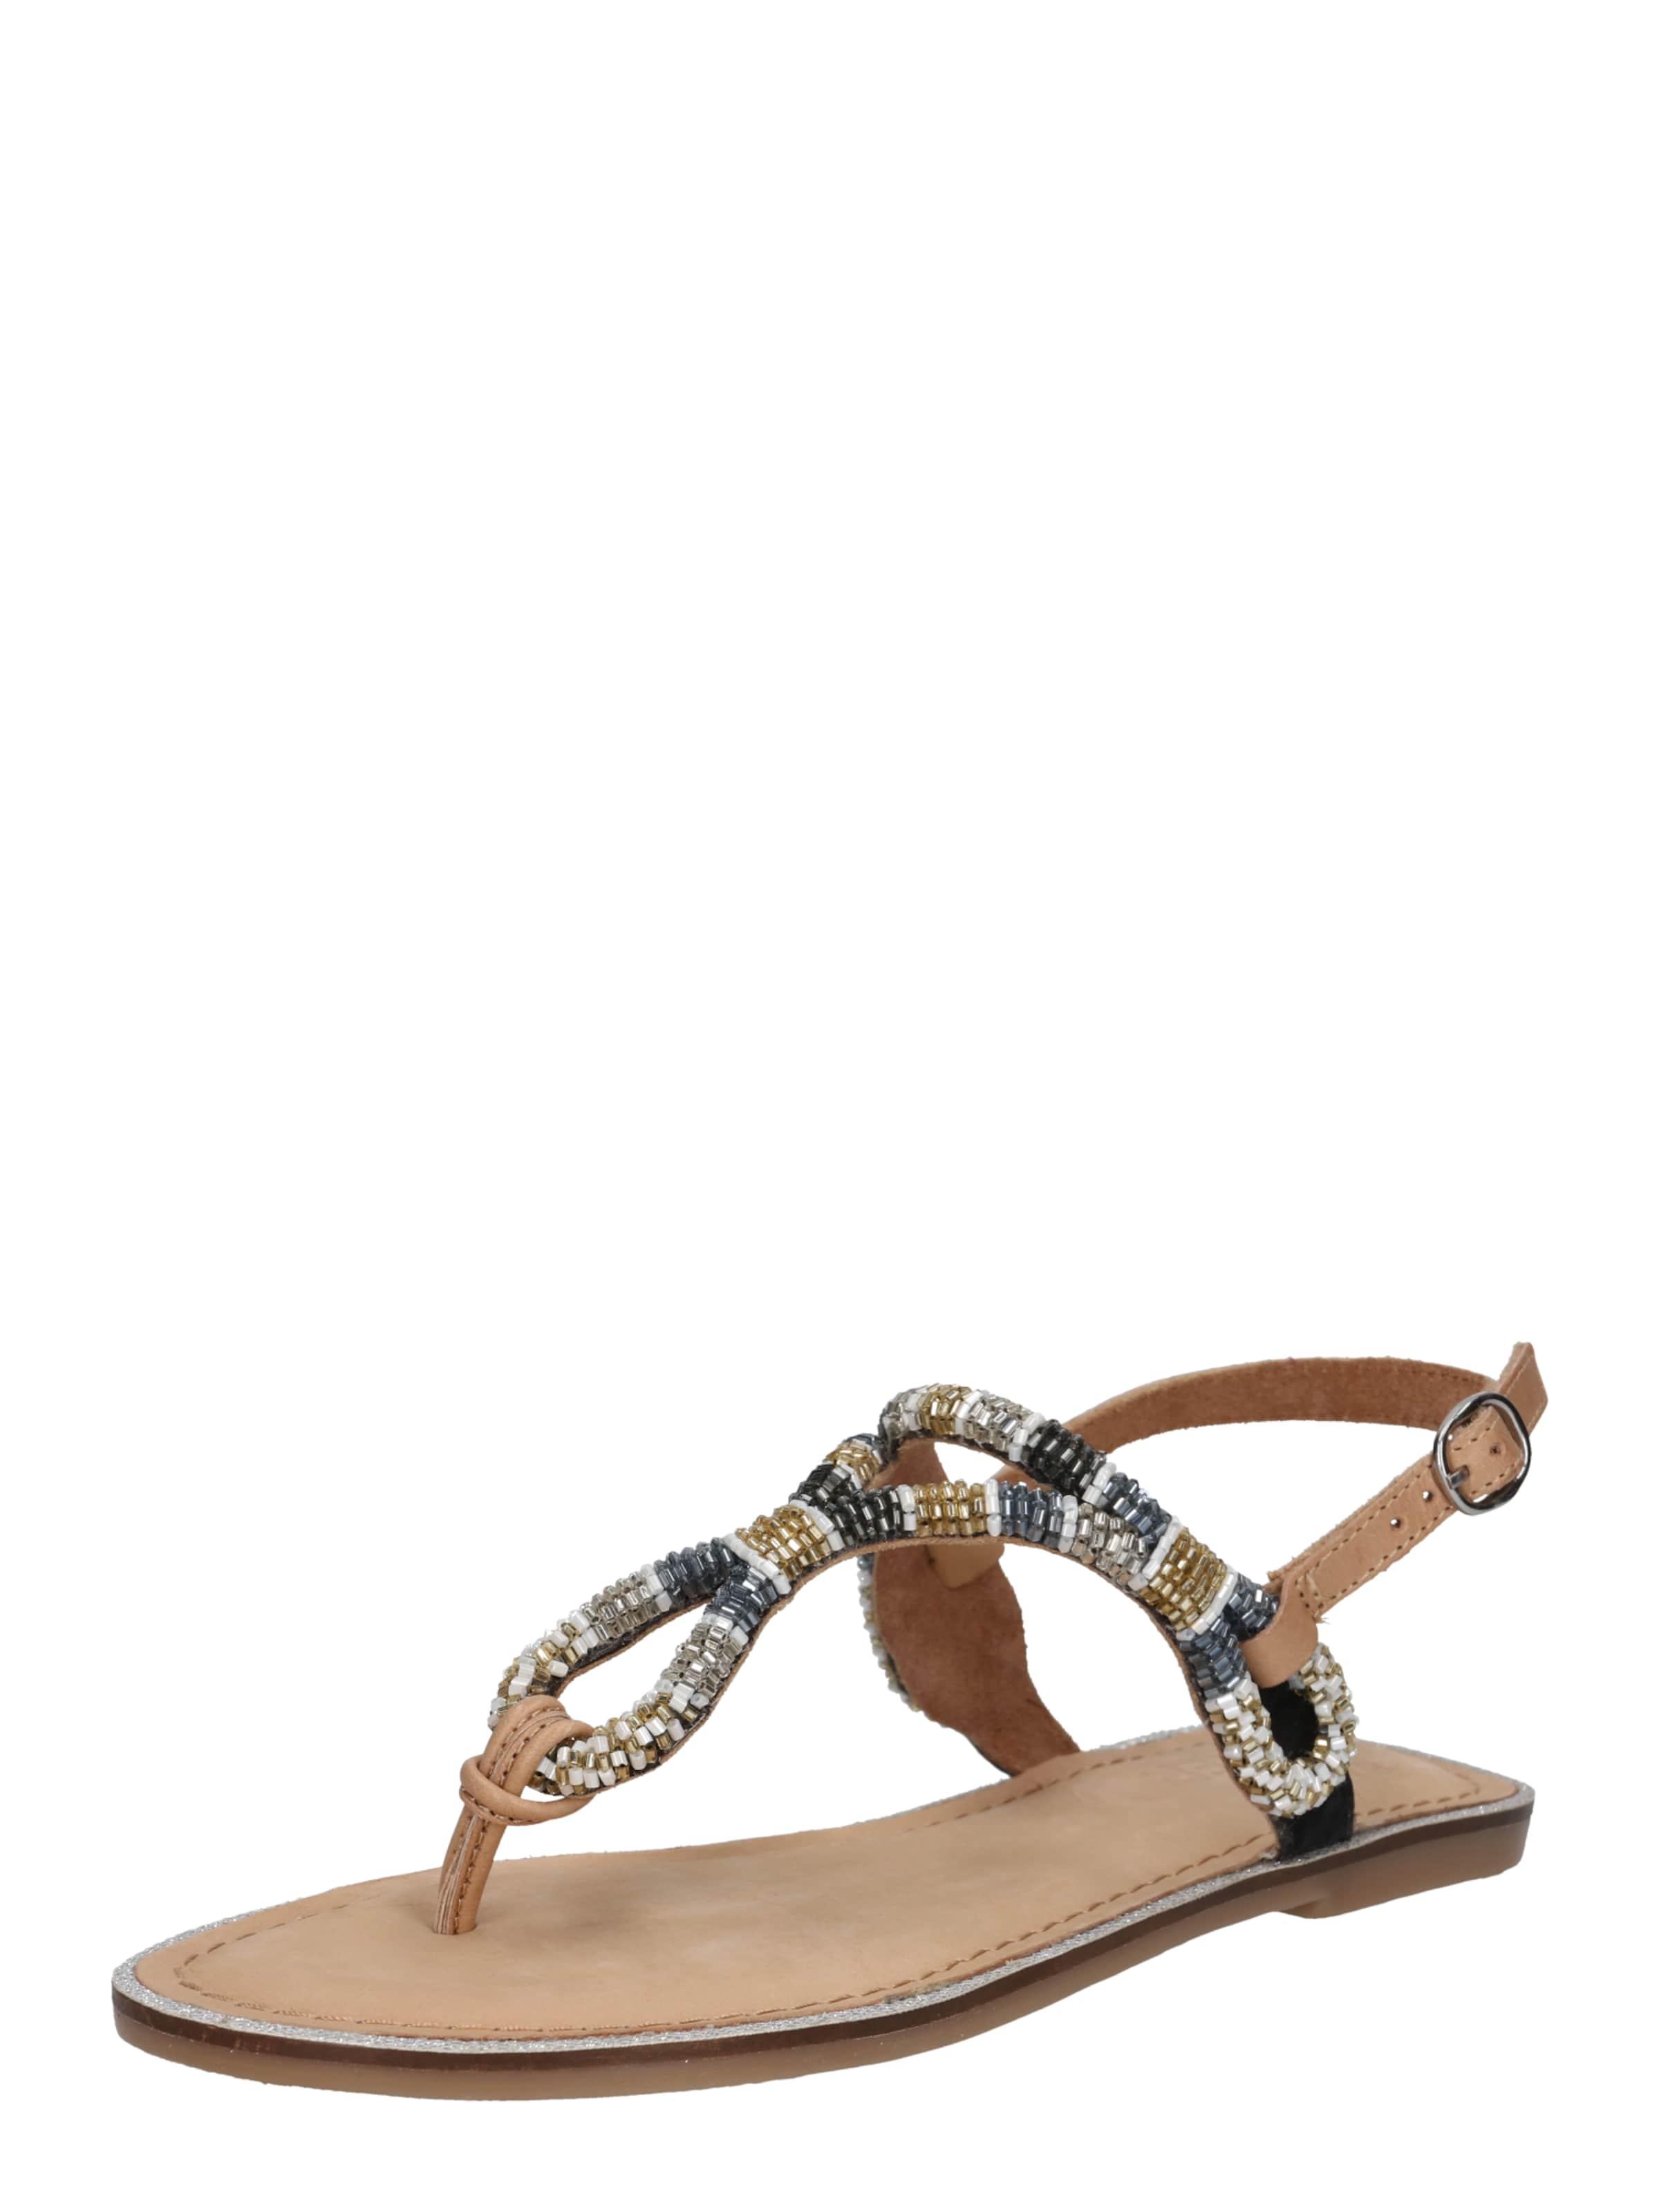 BULLBOXER Sandalen Günstige und langlebige Schuhe